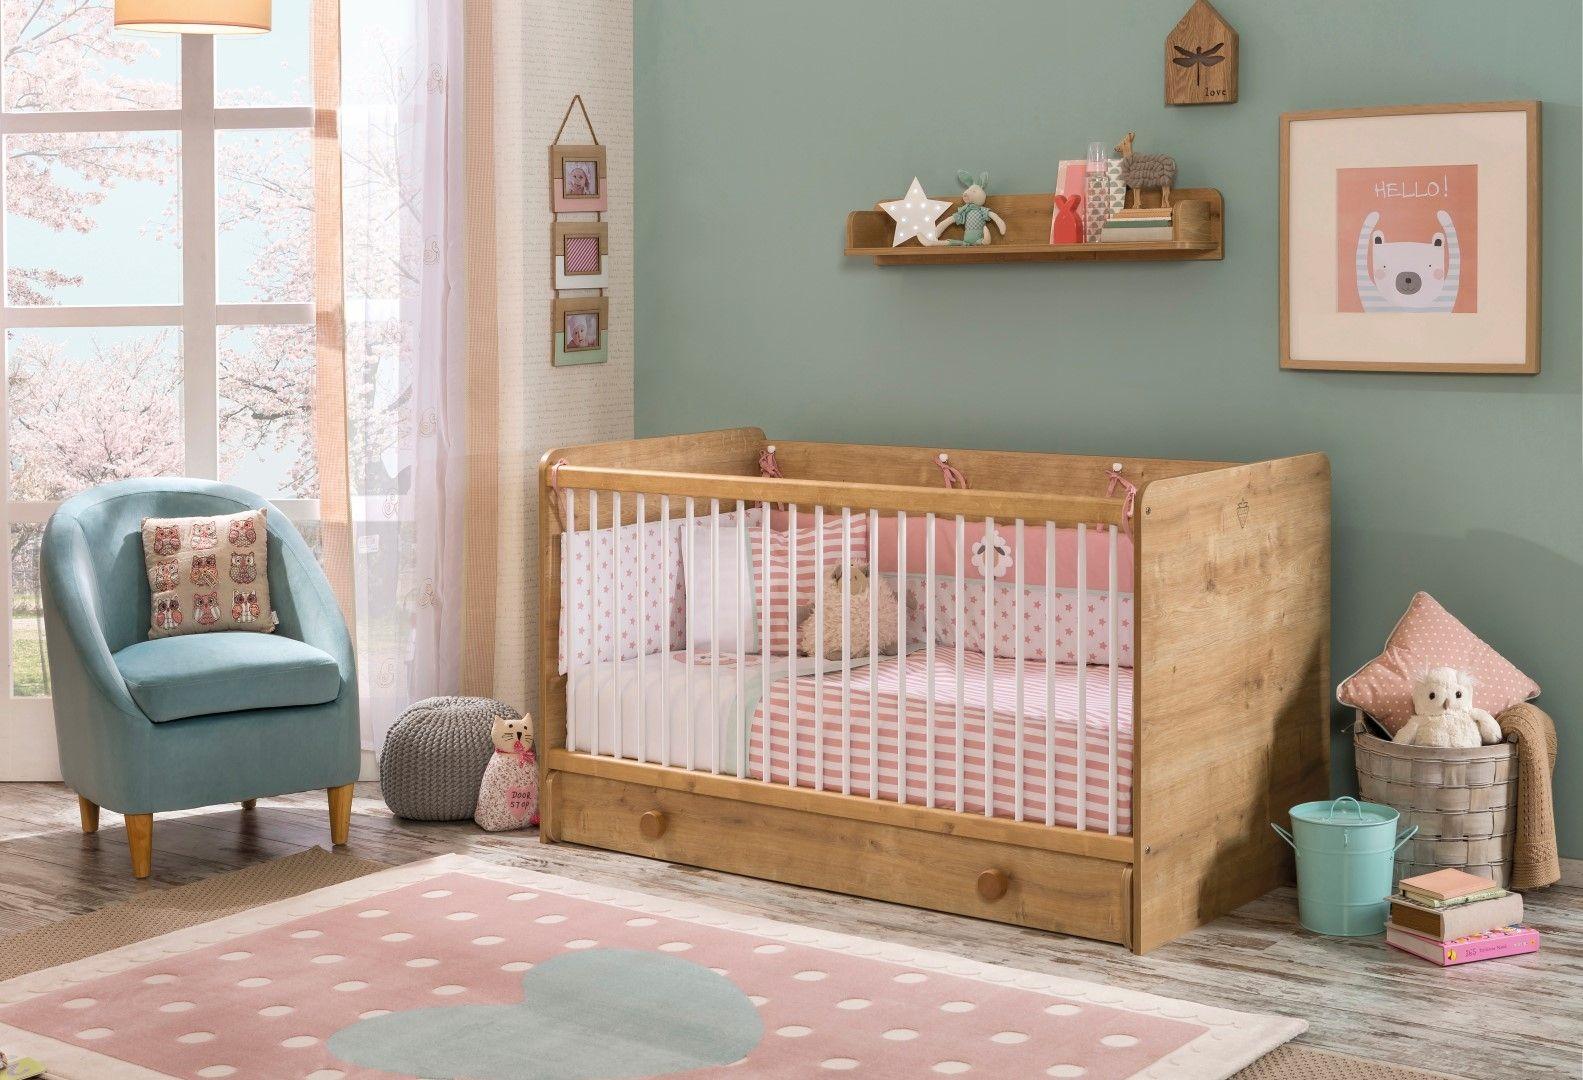 Babykamer Jongens Meuble : Stockholm babykamer jongens hout look baby babybed ledikant